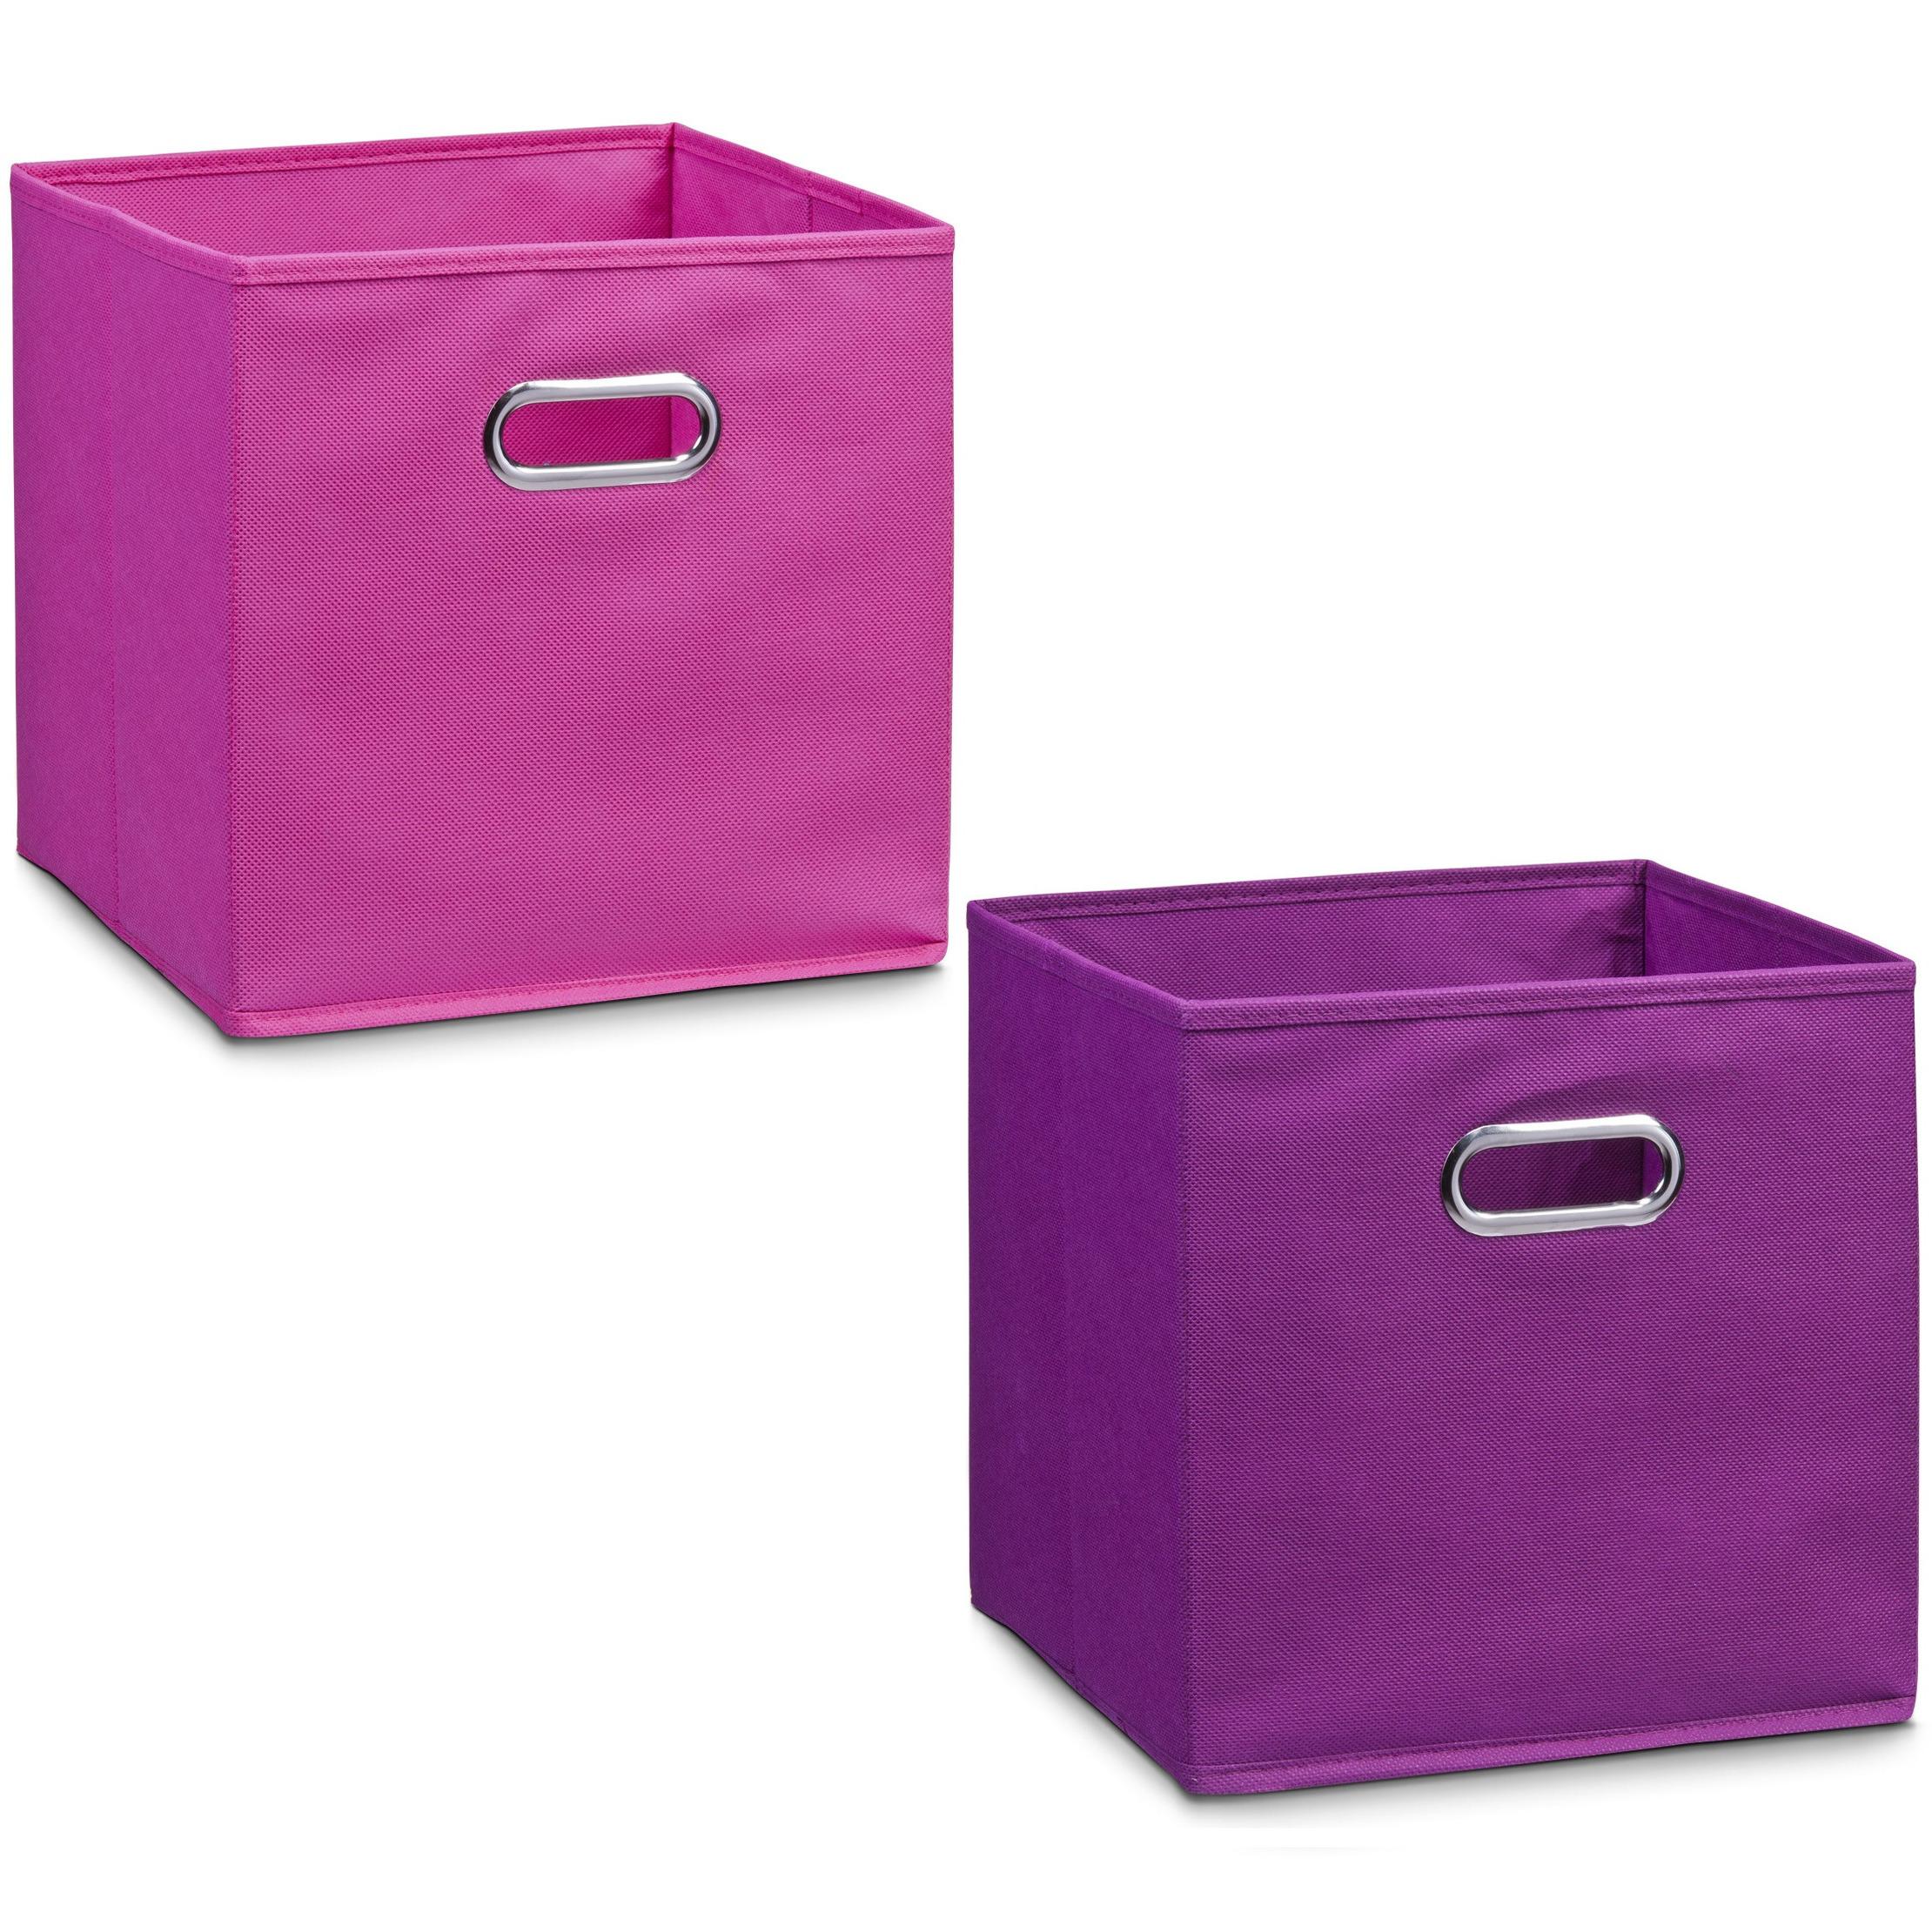 2x roze en paarse opbergmandjes kinderkamer 28 x 28 cm